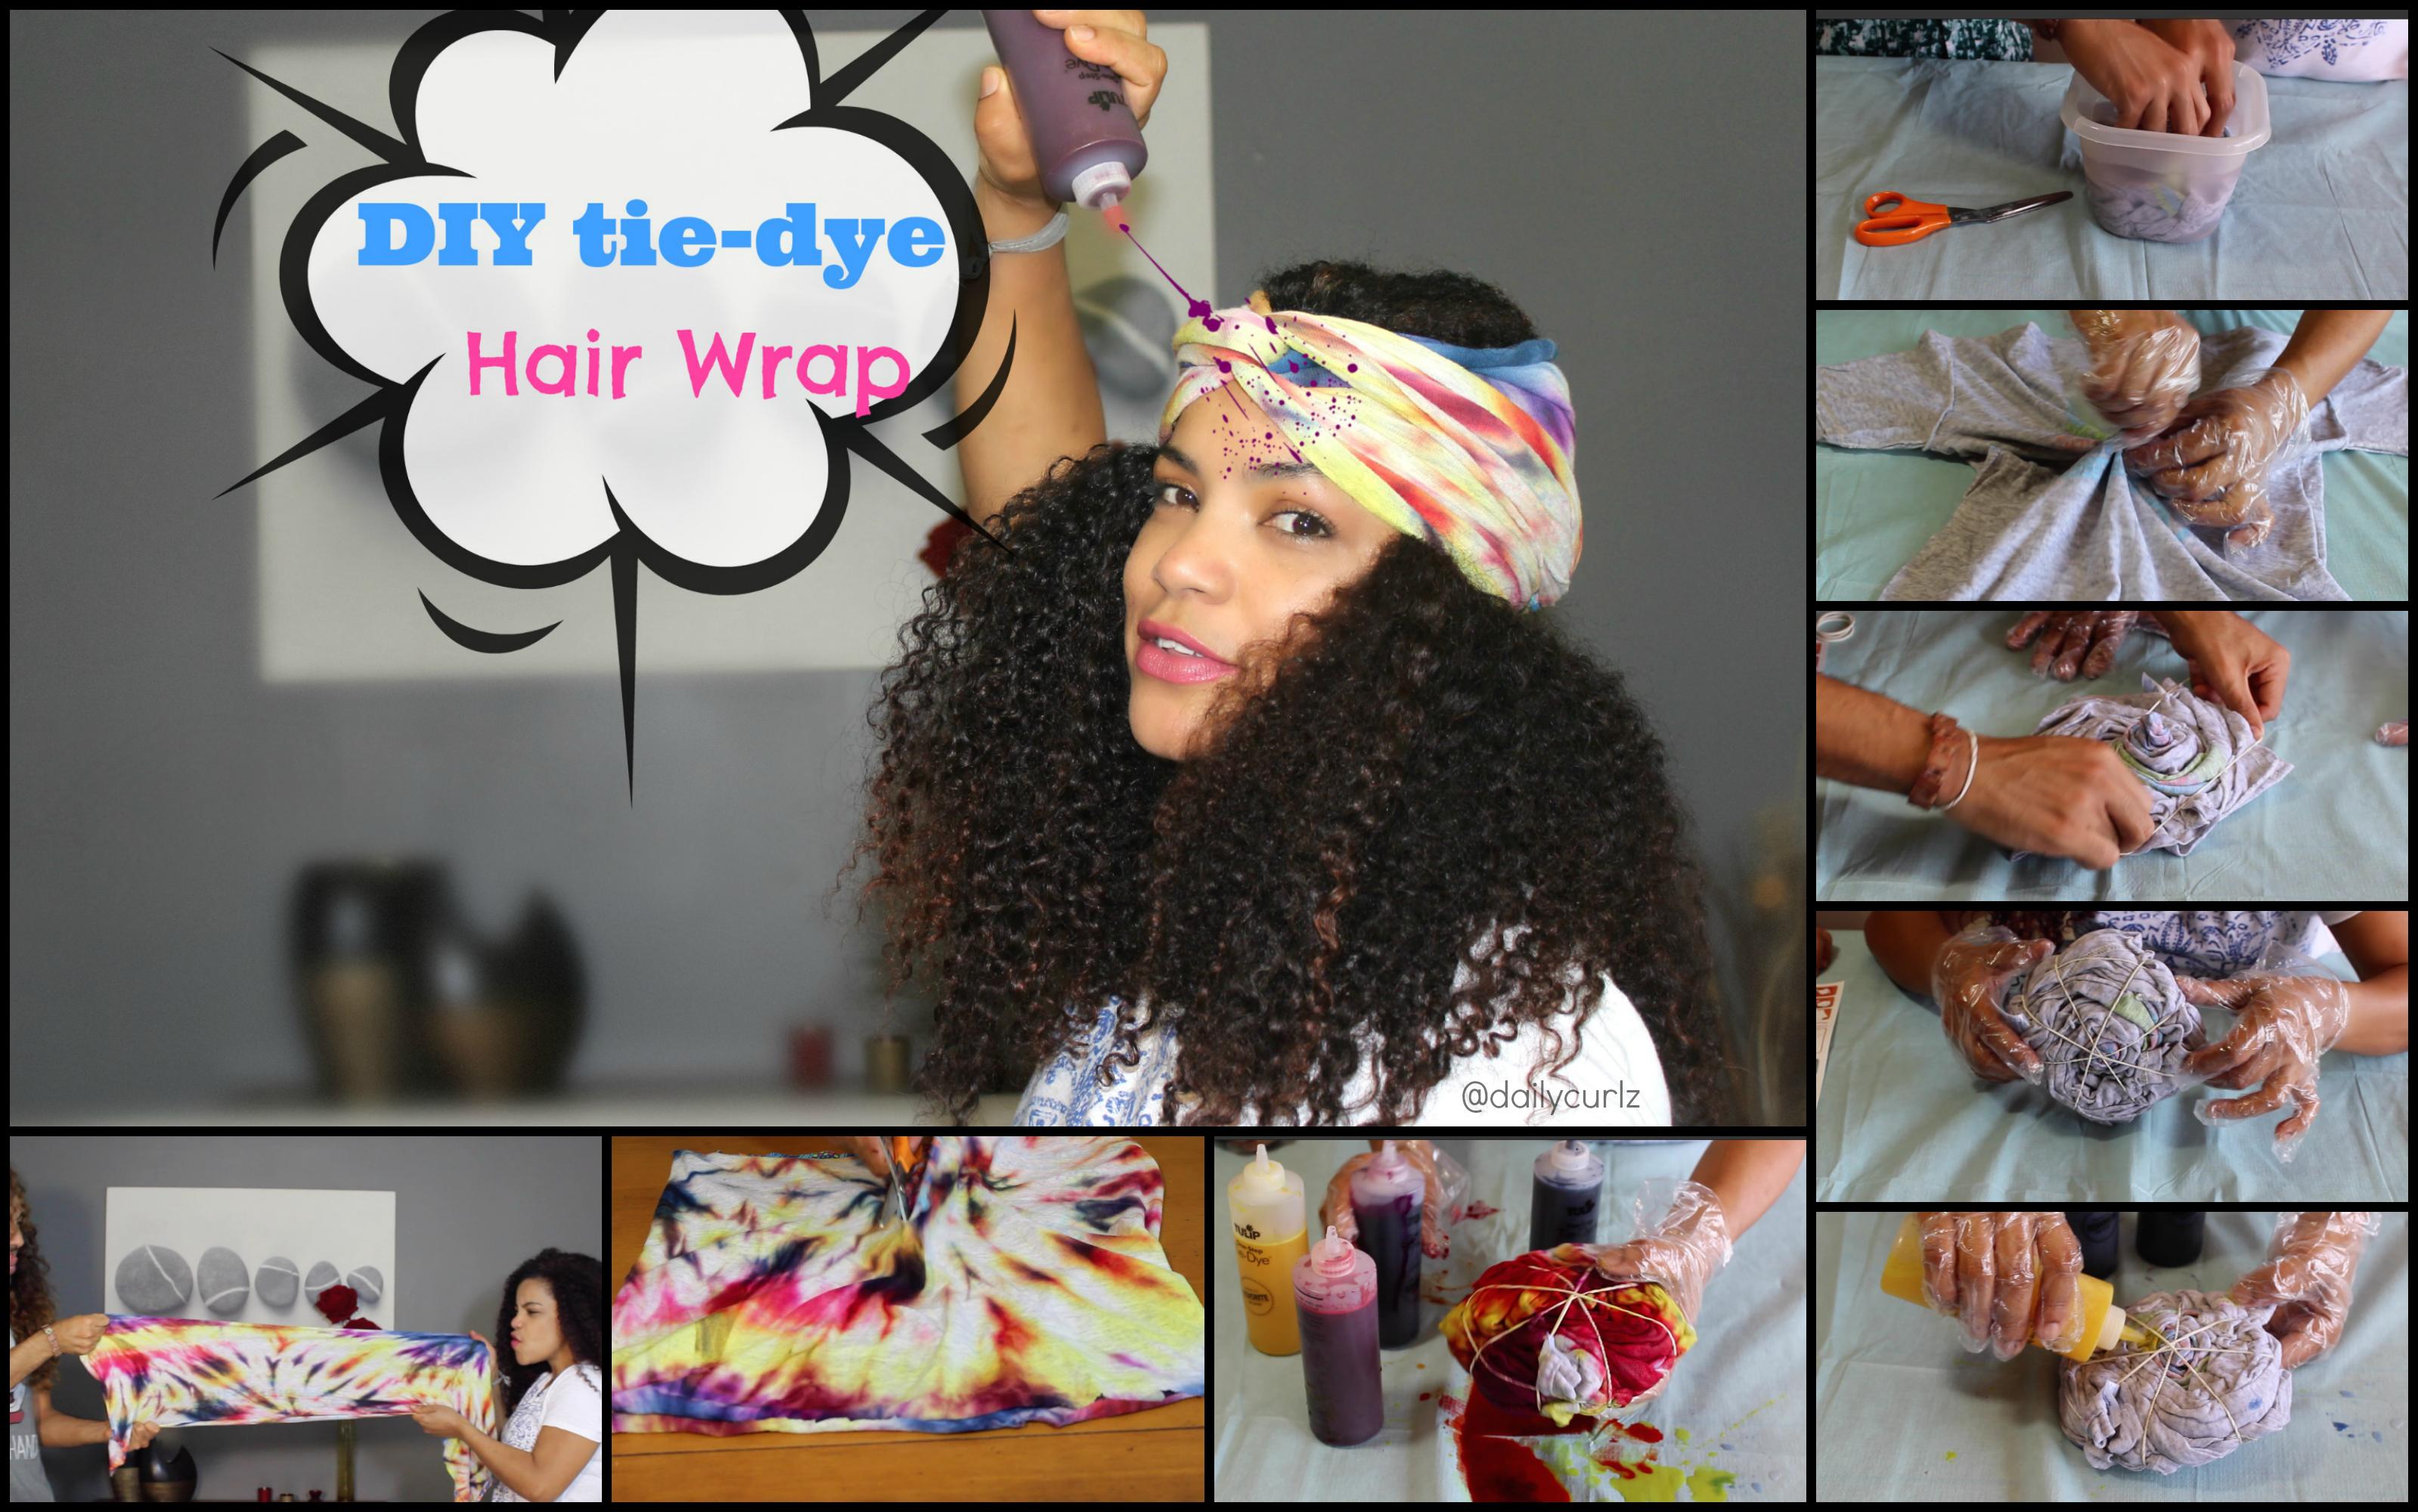 transform your old shirt into a hair wrap / Turbante para el cabello DIY